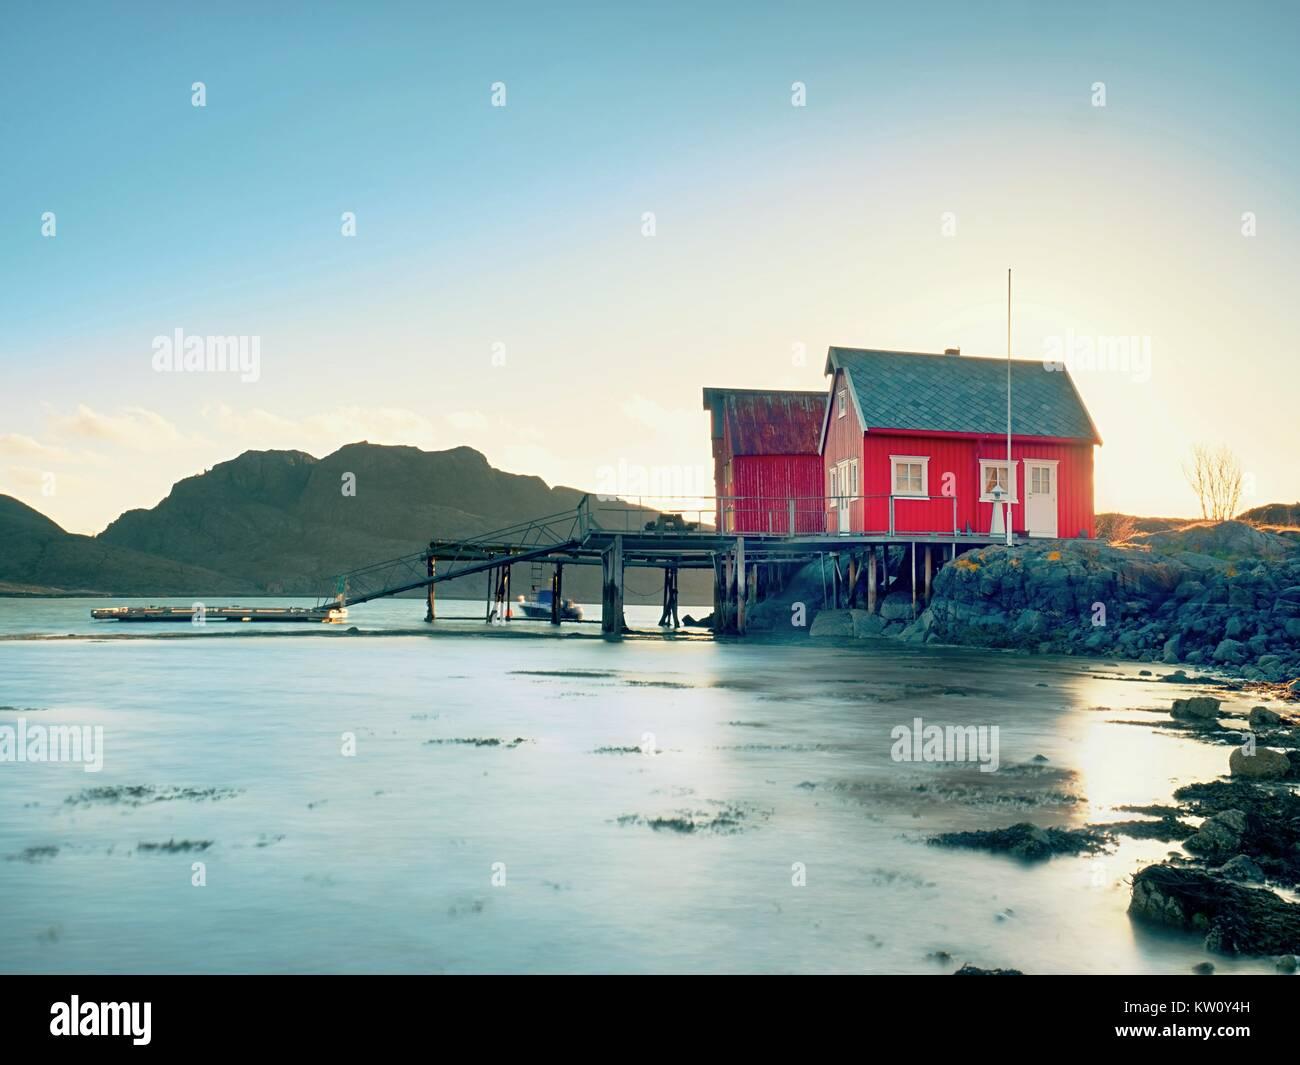 Norwegische Küste Landschaft mit einer typischen Red House. Holz- rote Haus am Meer, ersten warmen Frühlingstag. Stockbild